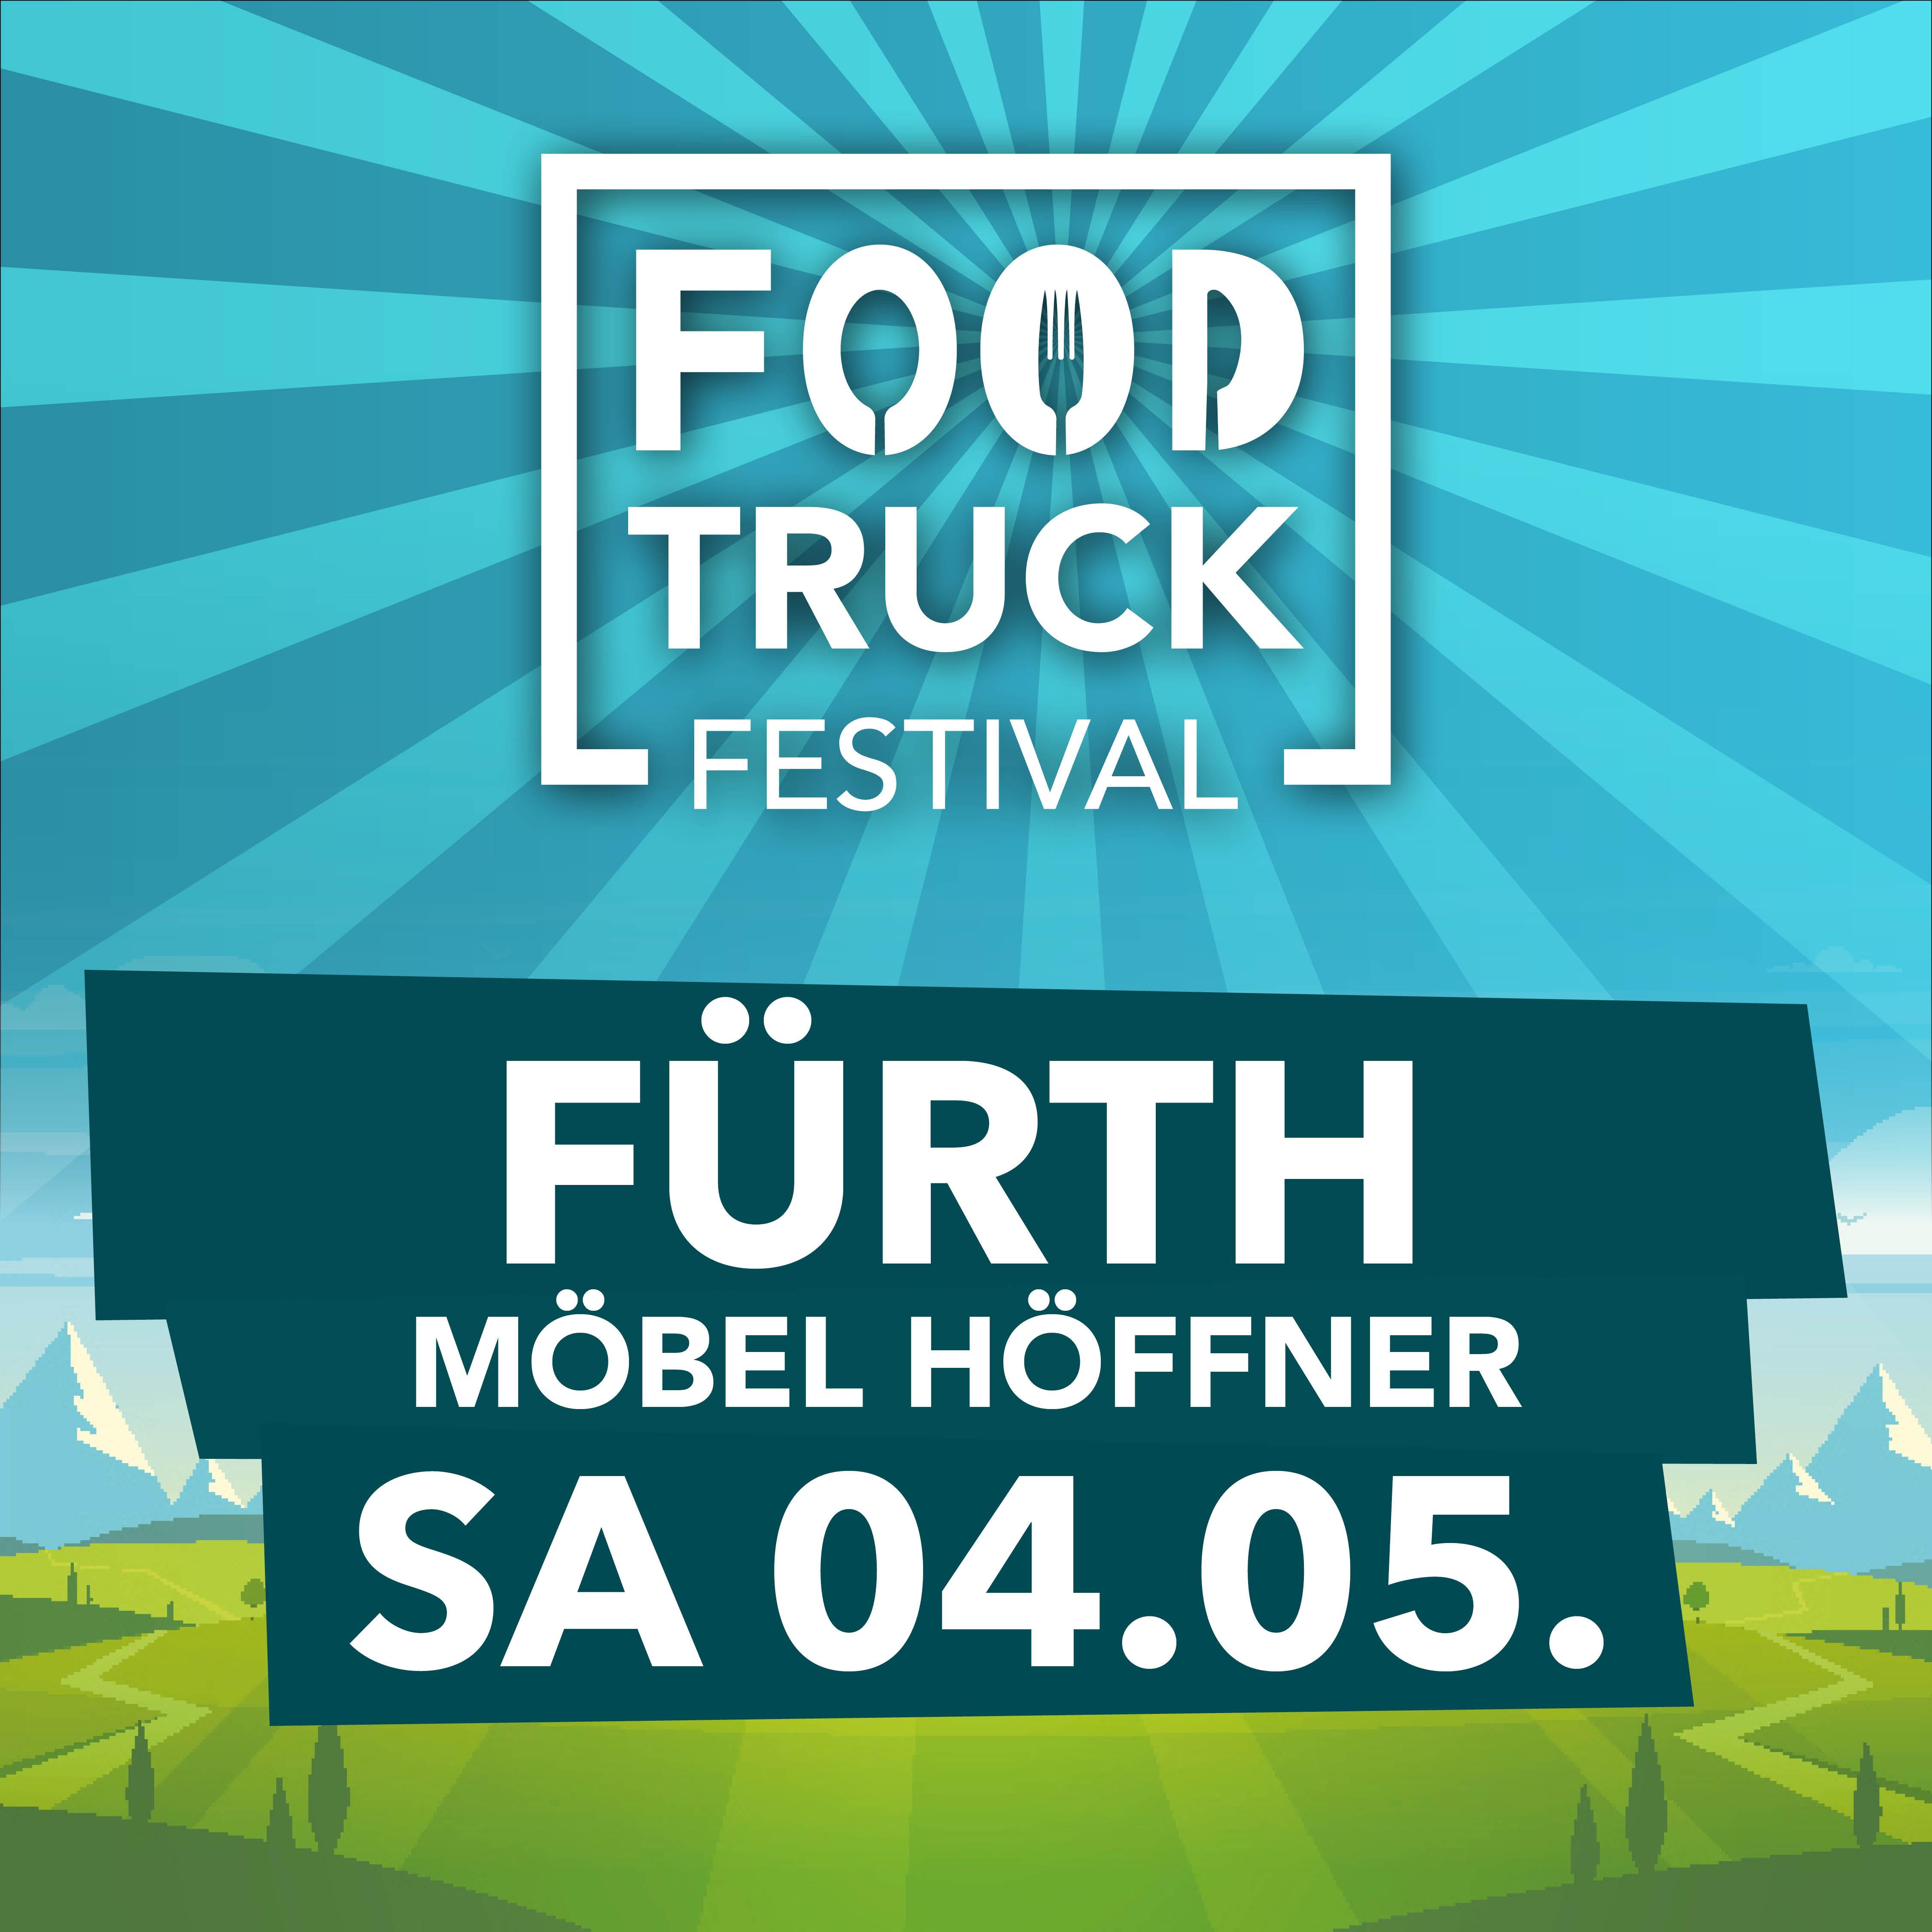 Foodtruck Festival Fürth 2019 Foodtruck Festivals